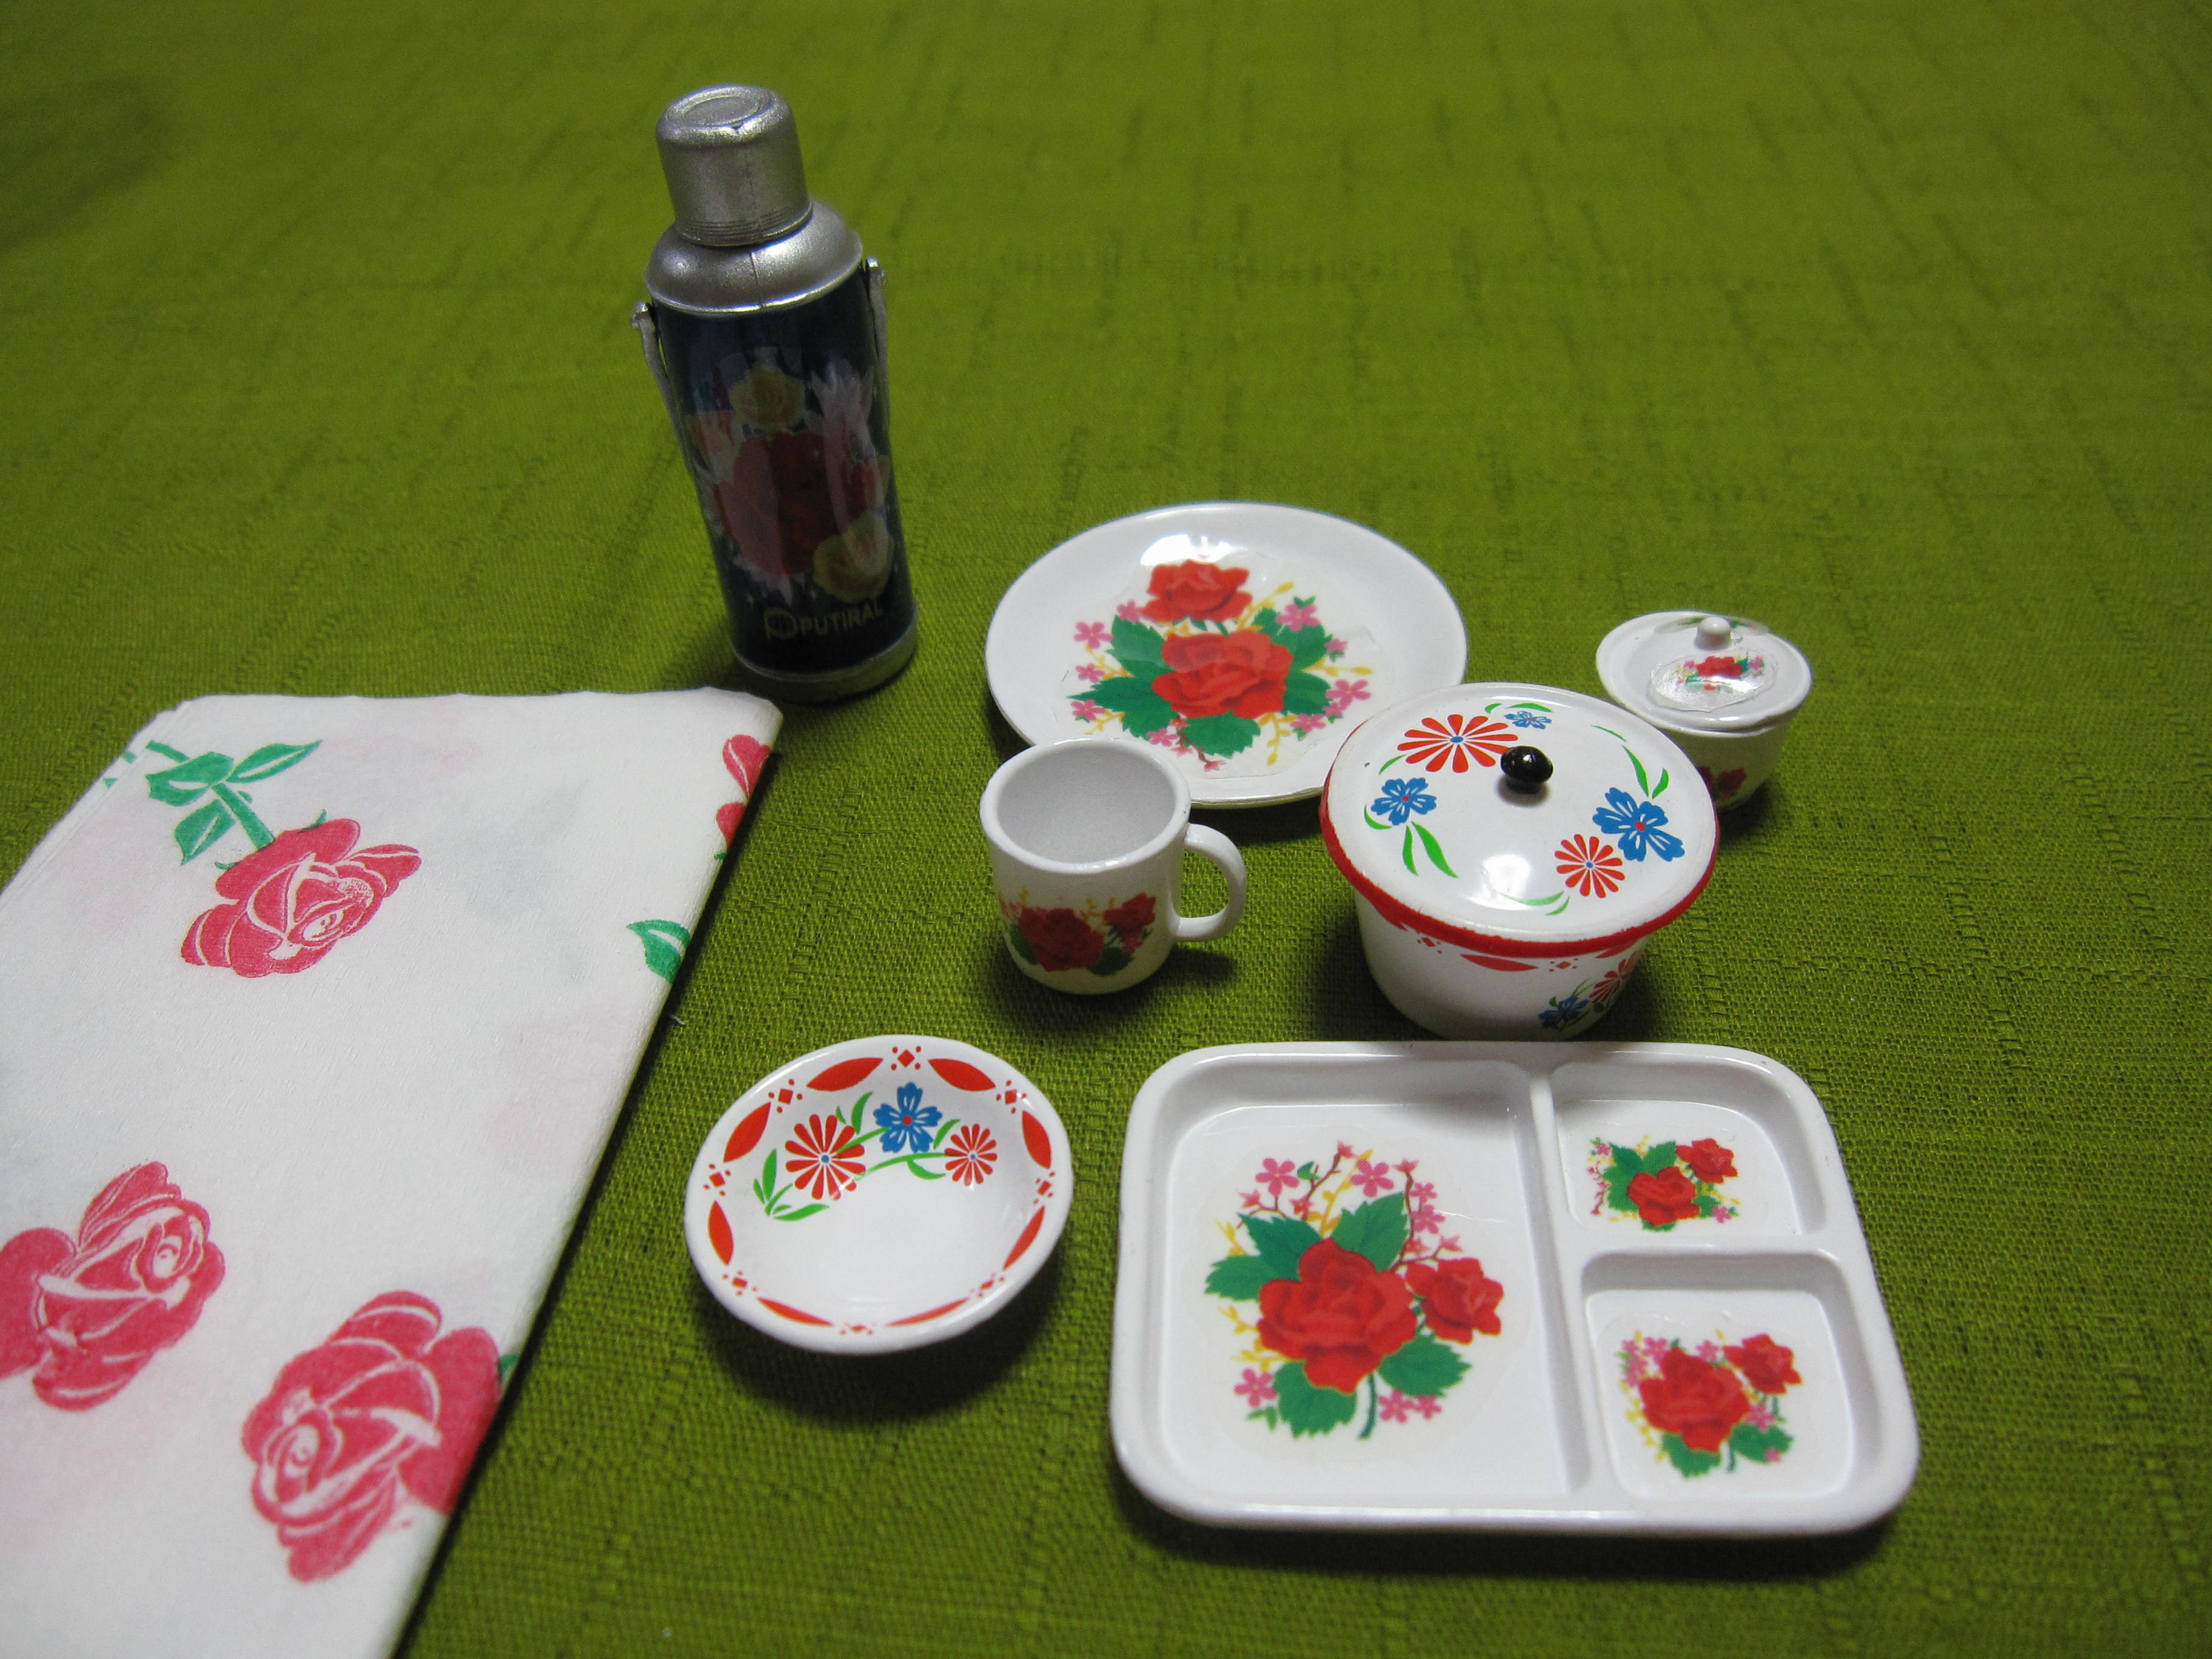 5-2、0737(中身を出す)キッチュな花柄食器